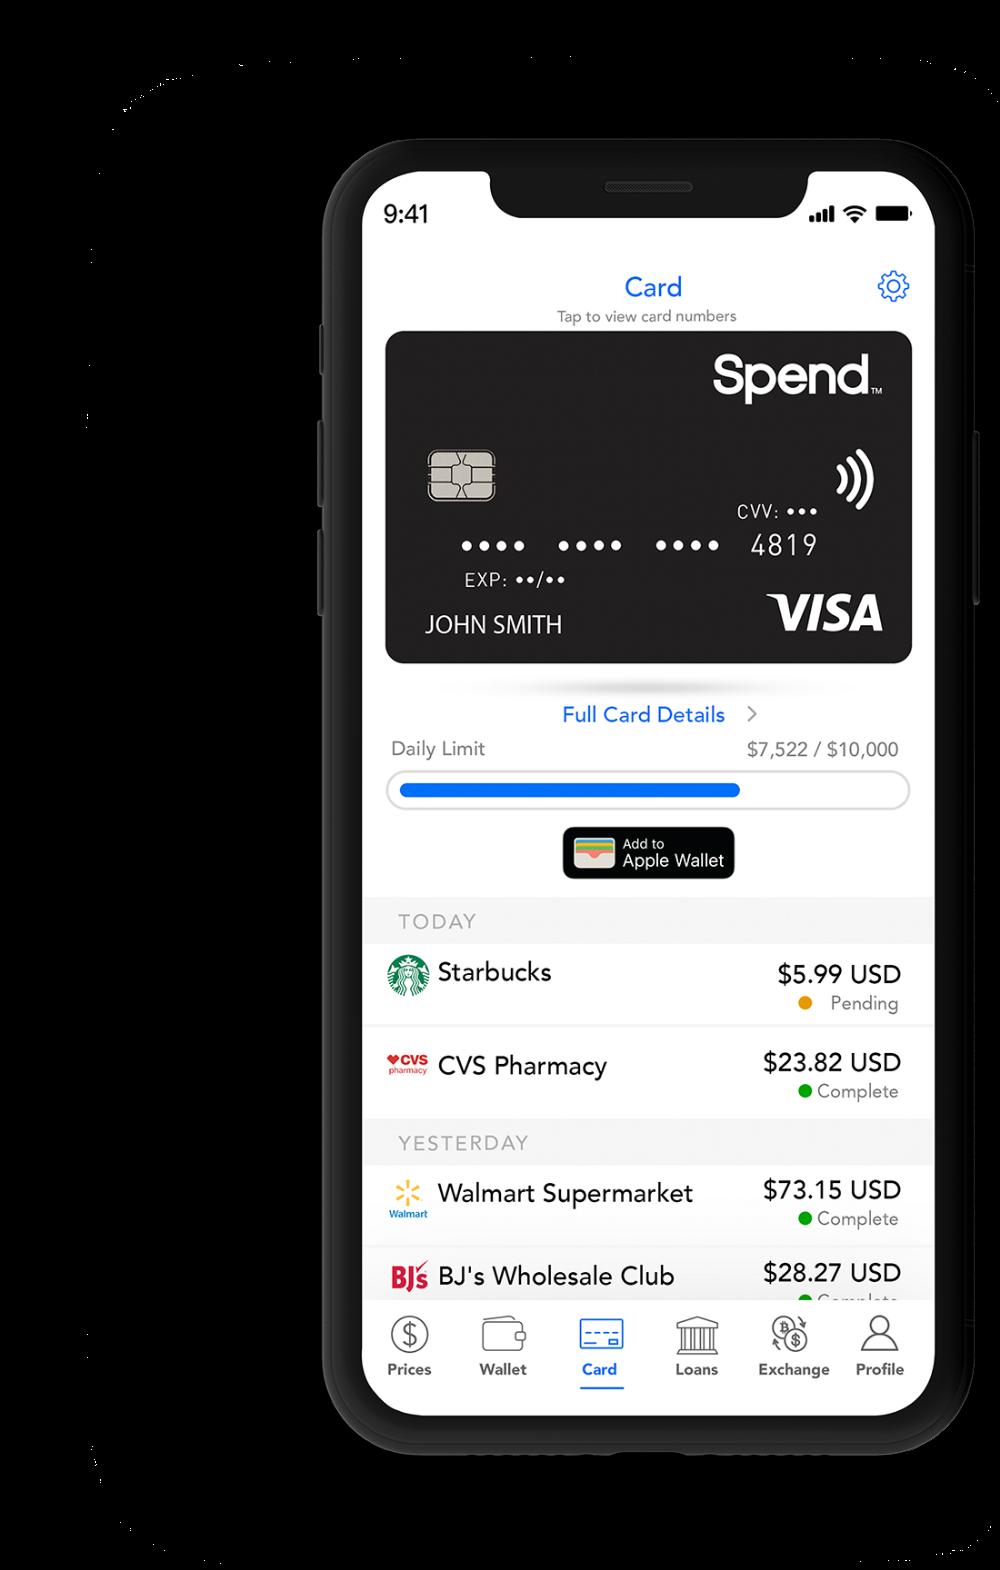 Spend Wallet Spend Visa Card Spend Com Visa Card Credit Card Design Apple Gift Card